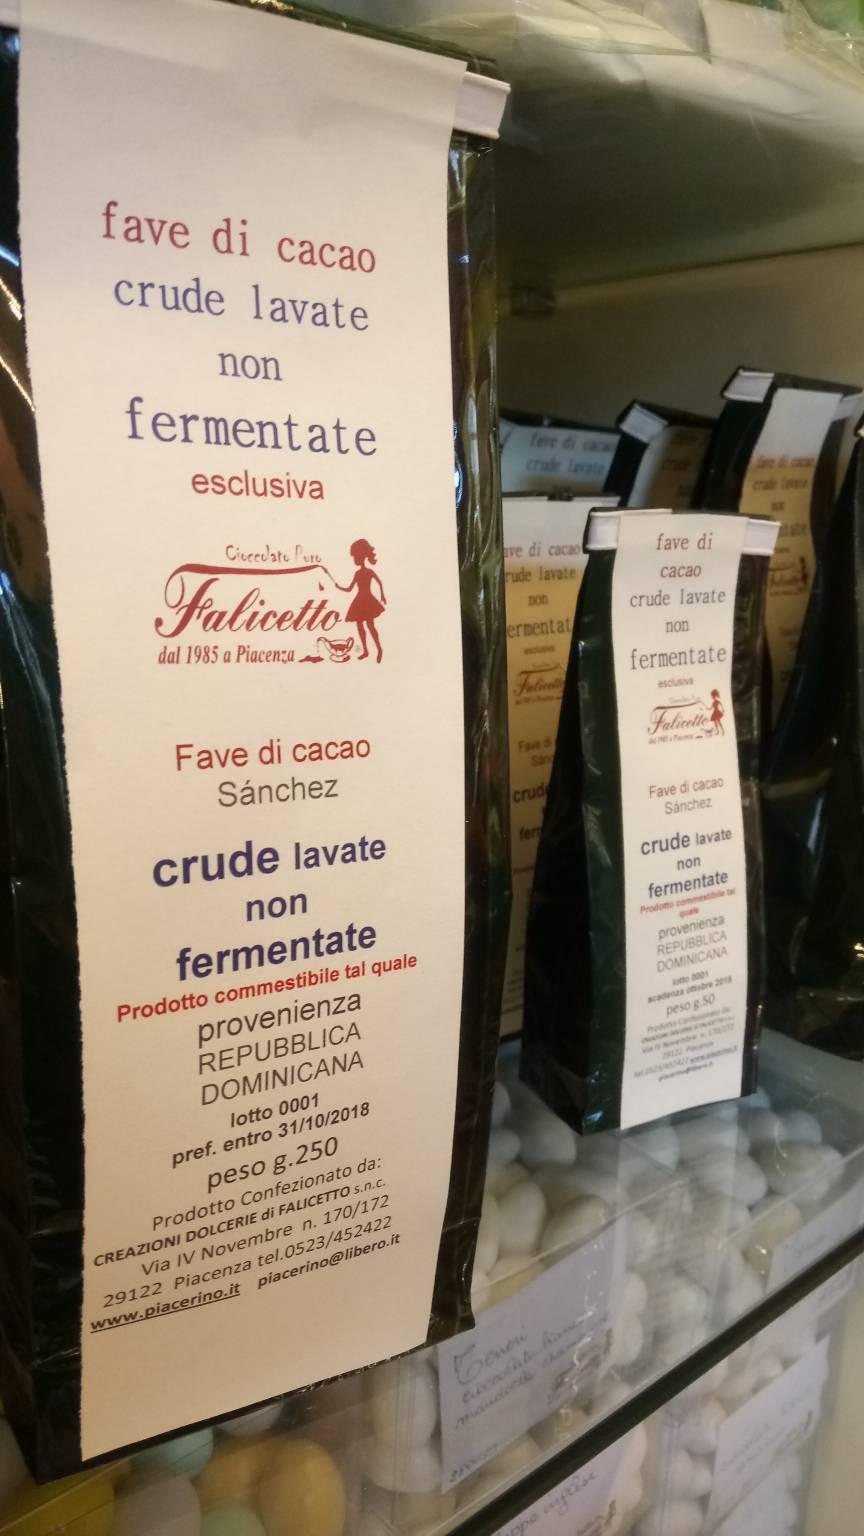 Pasticceria Falicetto